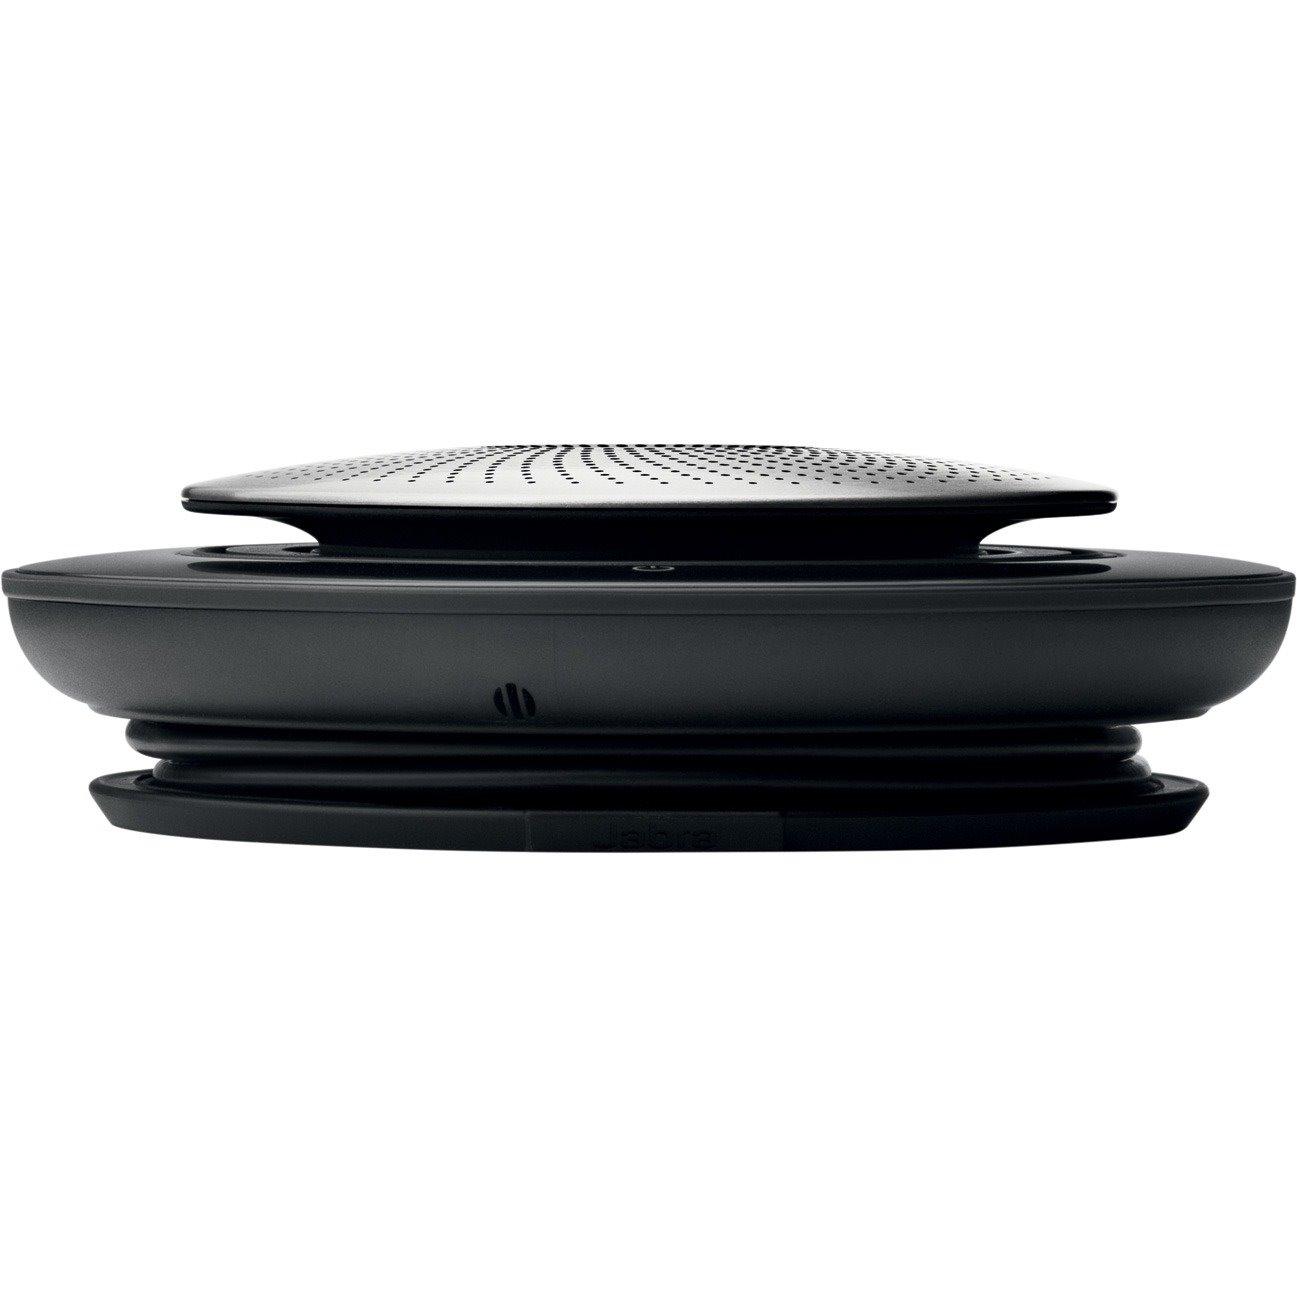 Jabra Speak 710 MS Speaker System - 10 W RMS - Wireless Speaker(s) - Portable - Battery Rechargeable